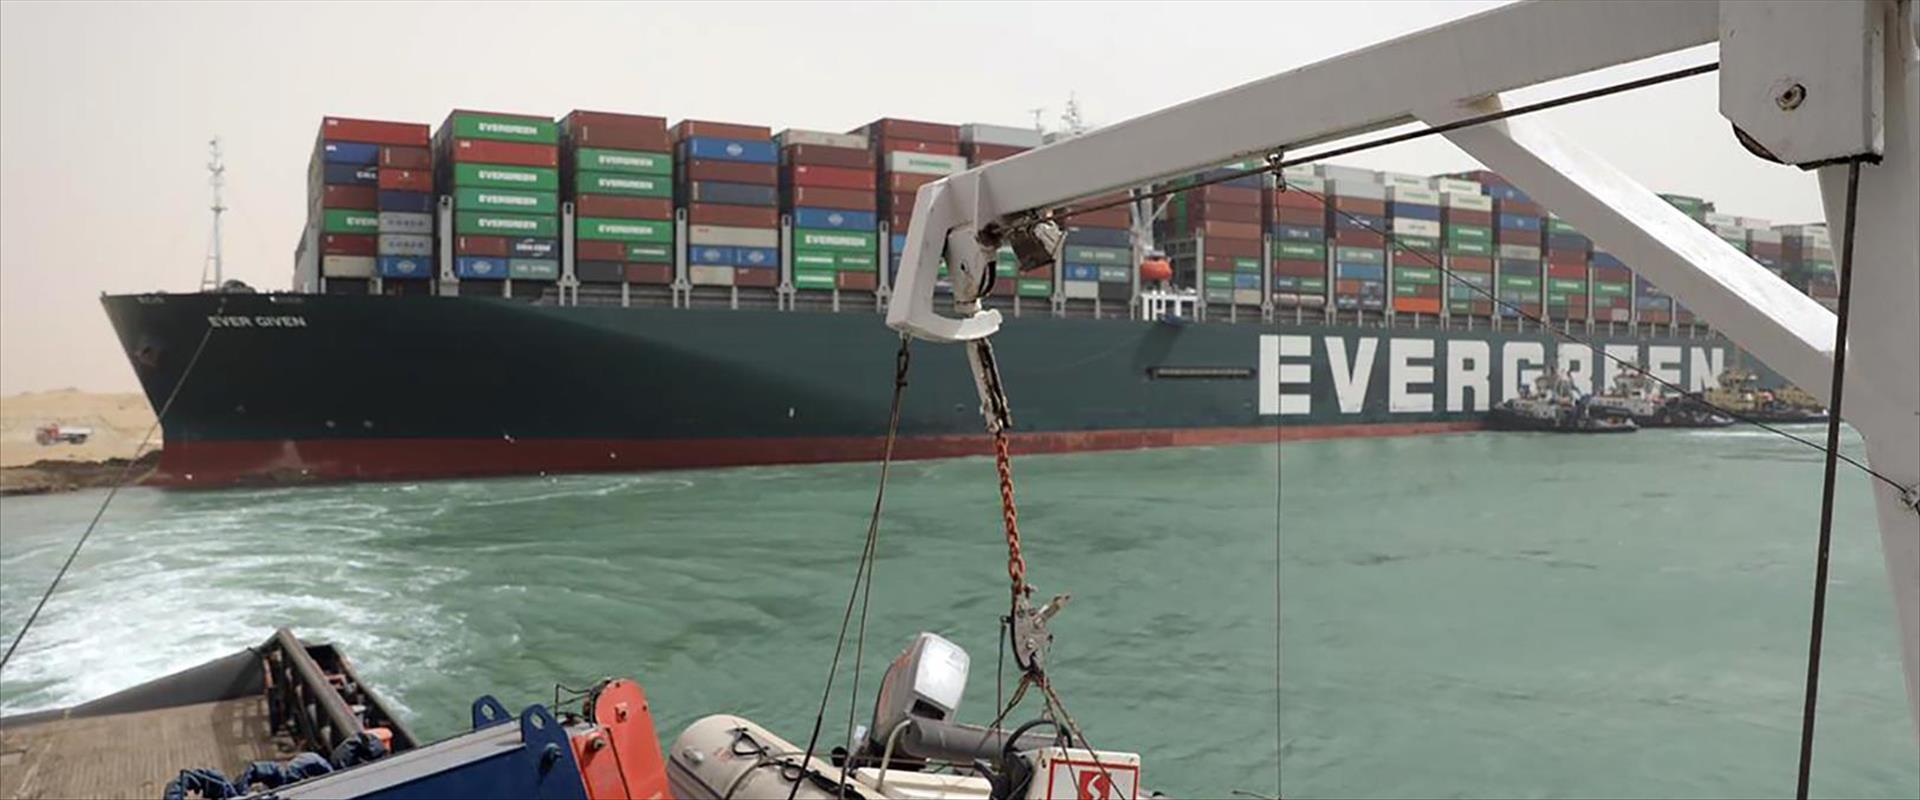 הספינה אבר גרין שחוסמת את תעלת סואץ